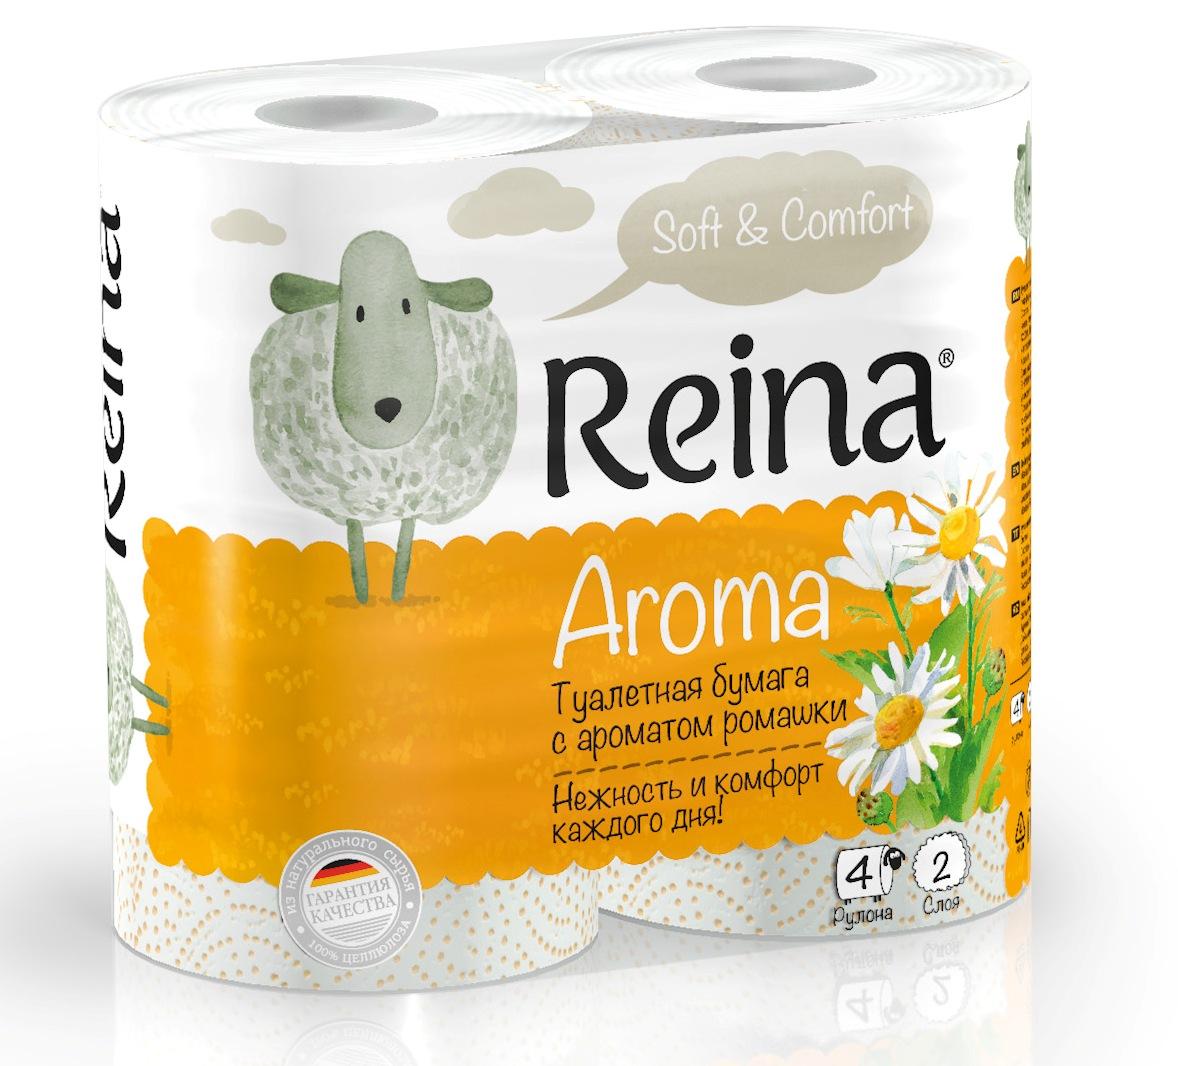 Туалетная бумага Reina Aroma Ромашка 2 слоя 4 рулона